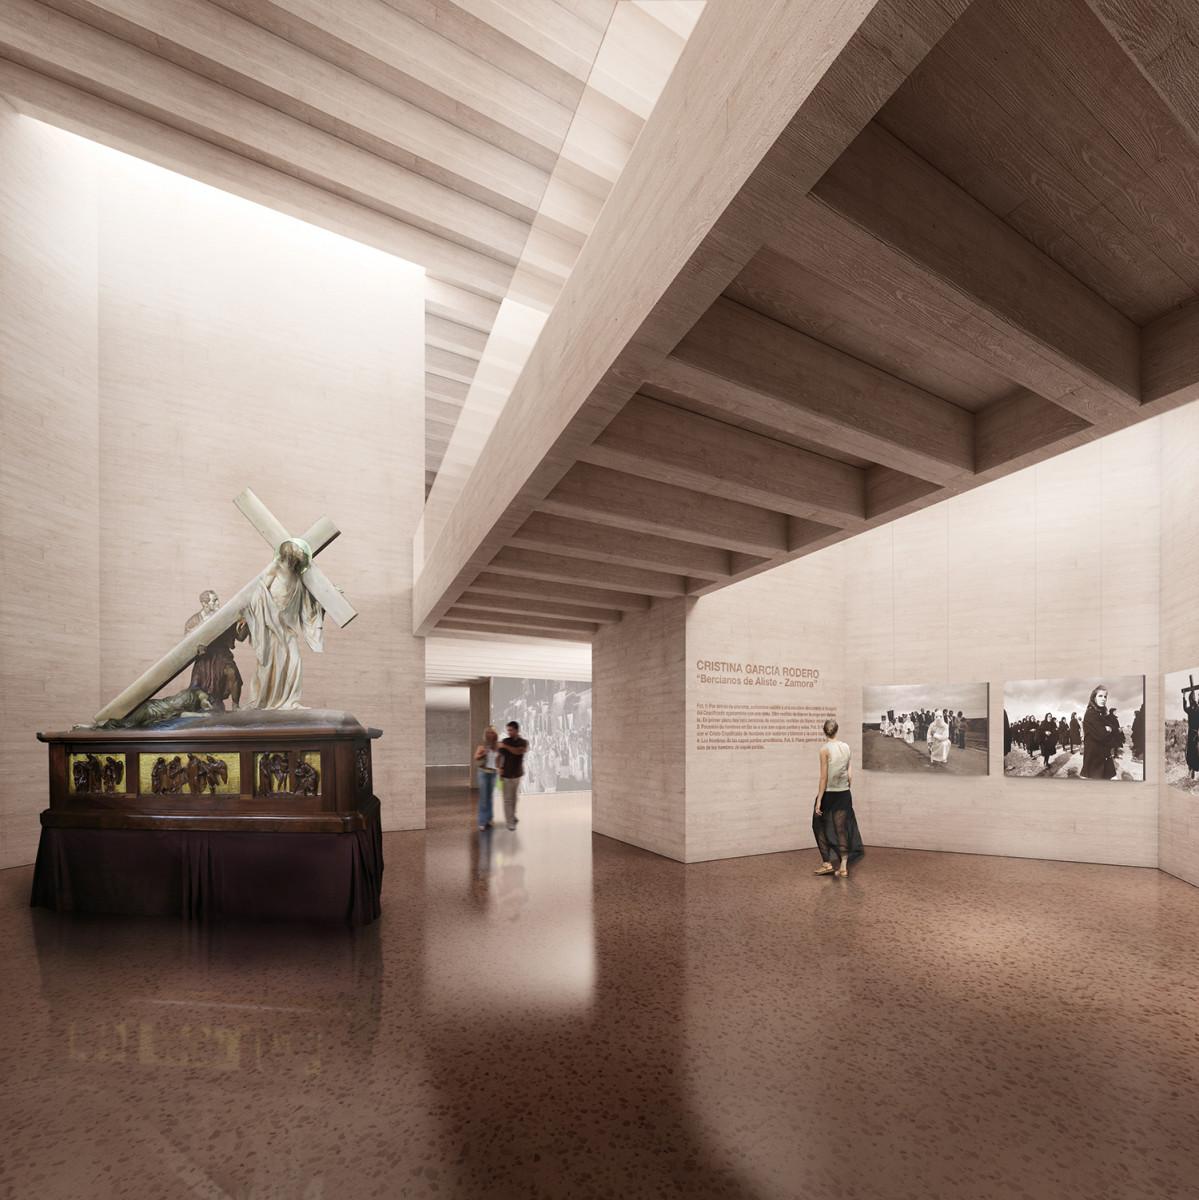 Museo Semana Santa Zamora Matos Castillo arquitectos + Montenegro + Gelabert 06